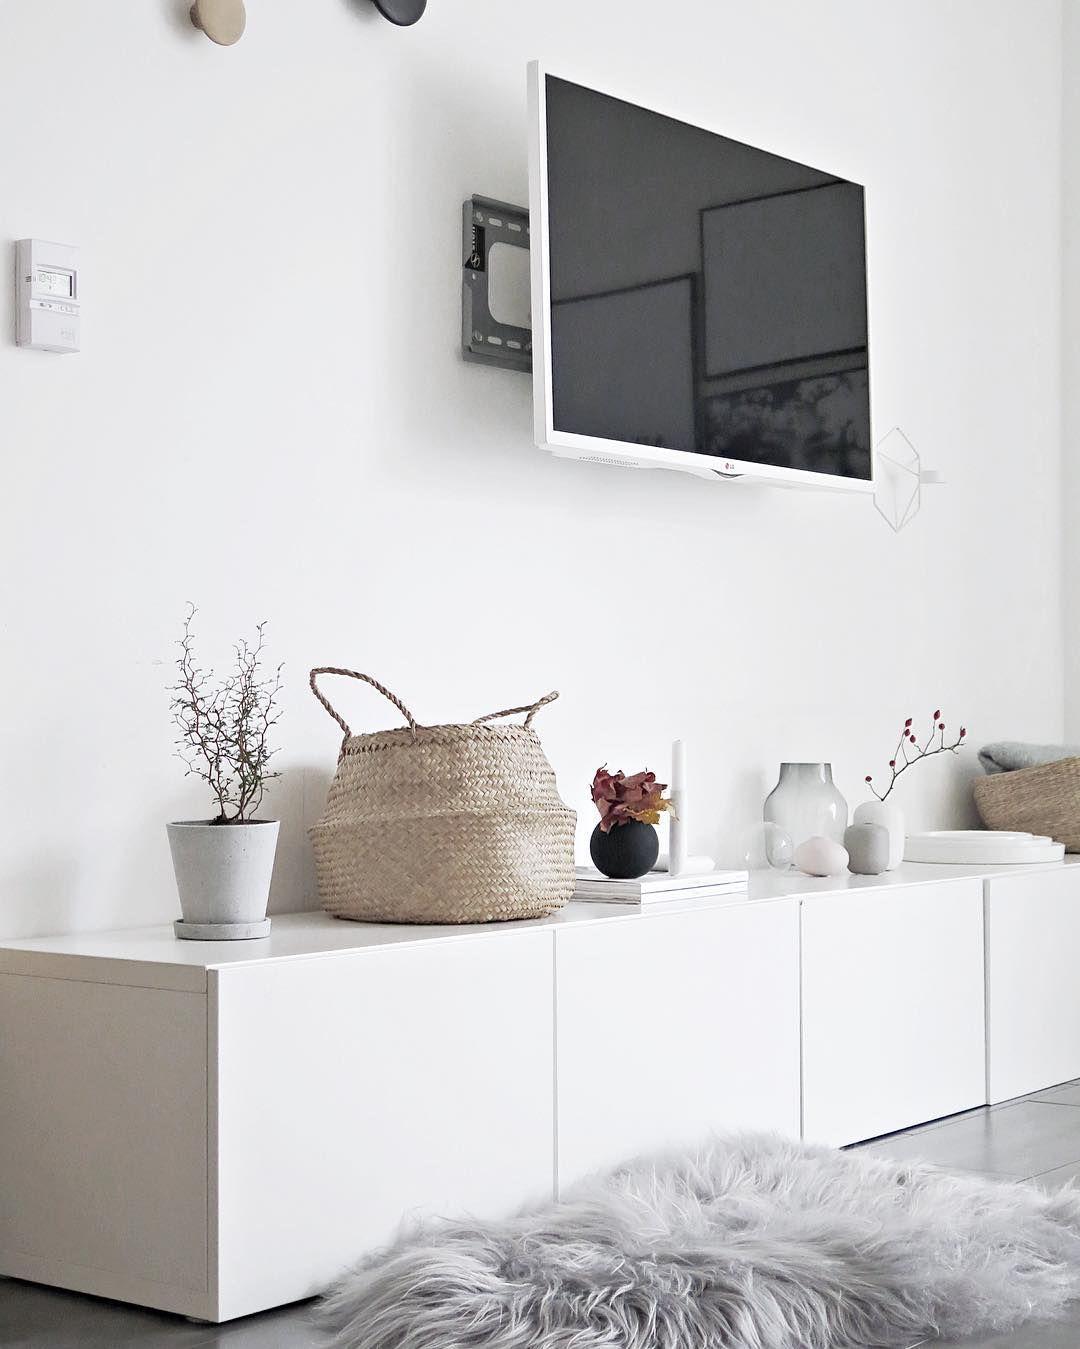 Ikea &39;Bestå&39; lowboard bykoczanska   Decoracion de muebles ...